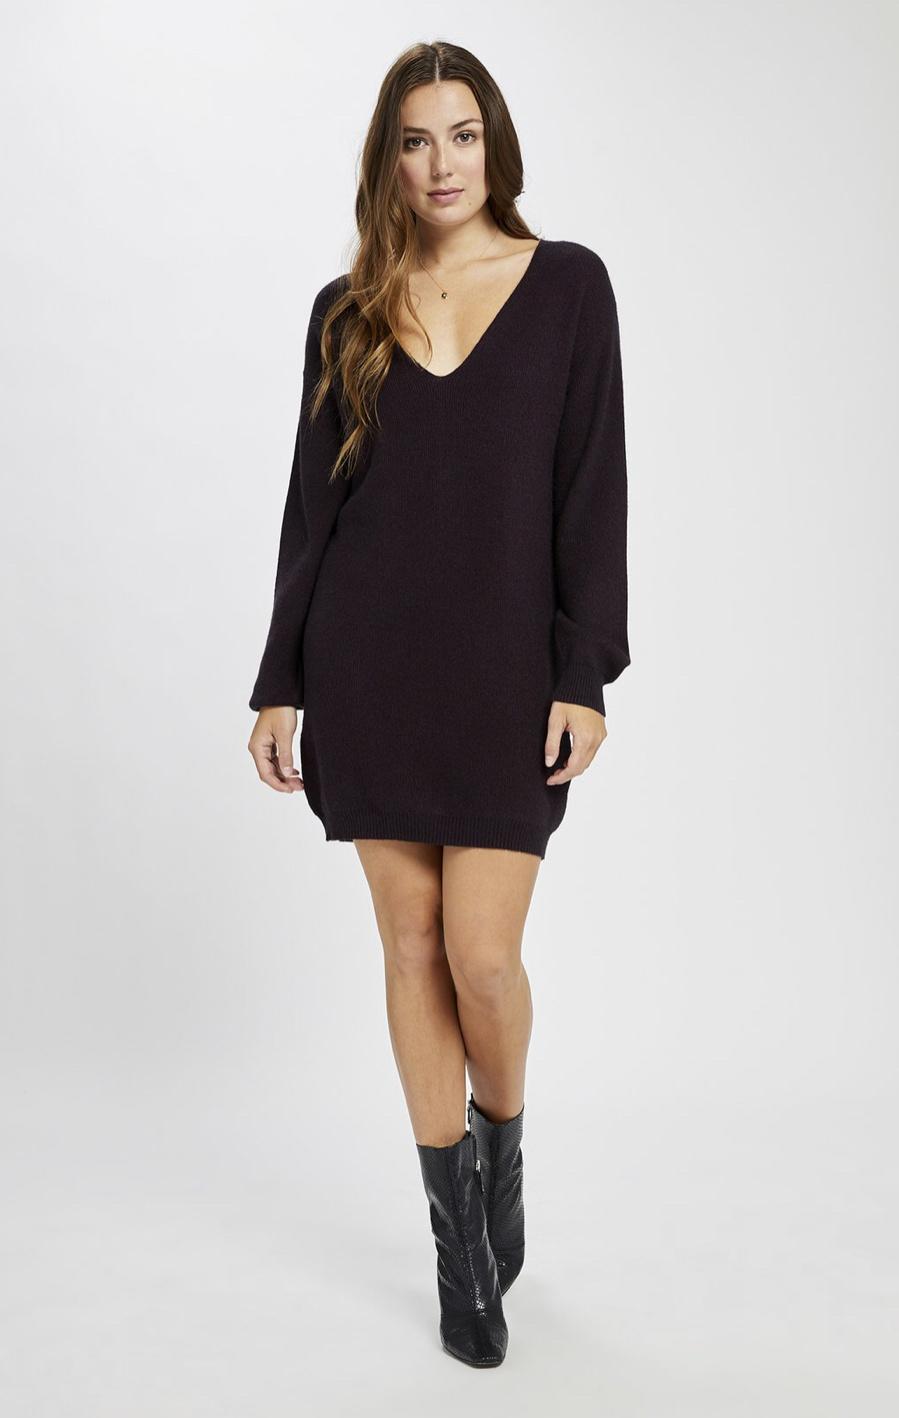 Gentlefawn Oslo Sweater Dress